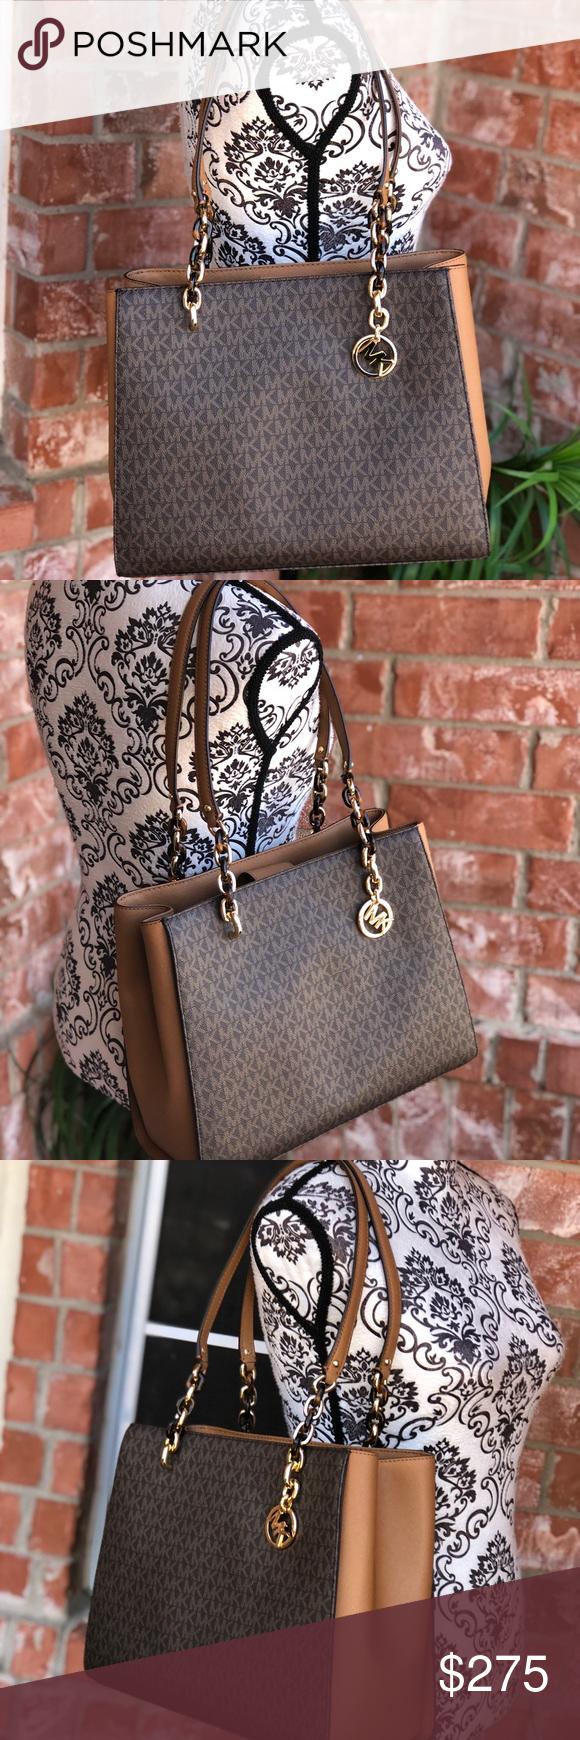 509d8b3541b943 Michael Kors Sofia Signature Large Tote Handbag Style No. 35F8GO5T3B Color:  Brown/Acorn